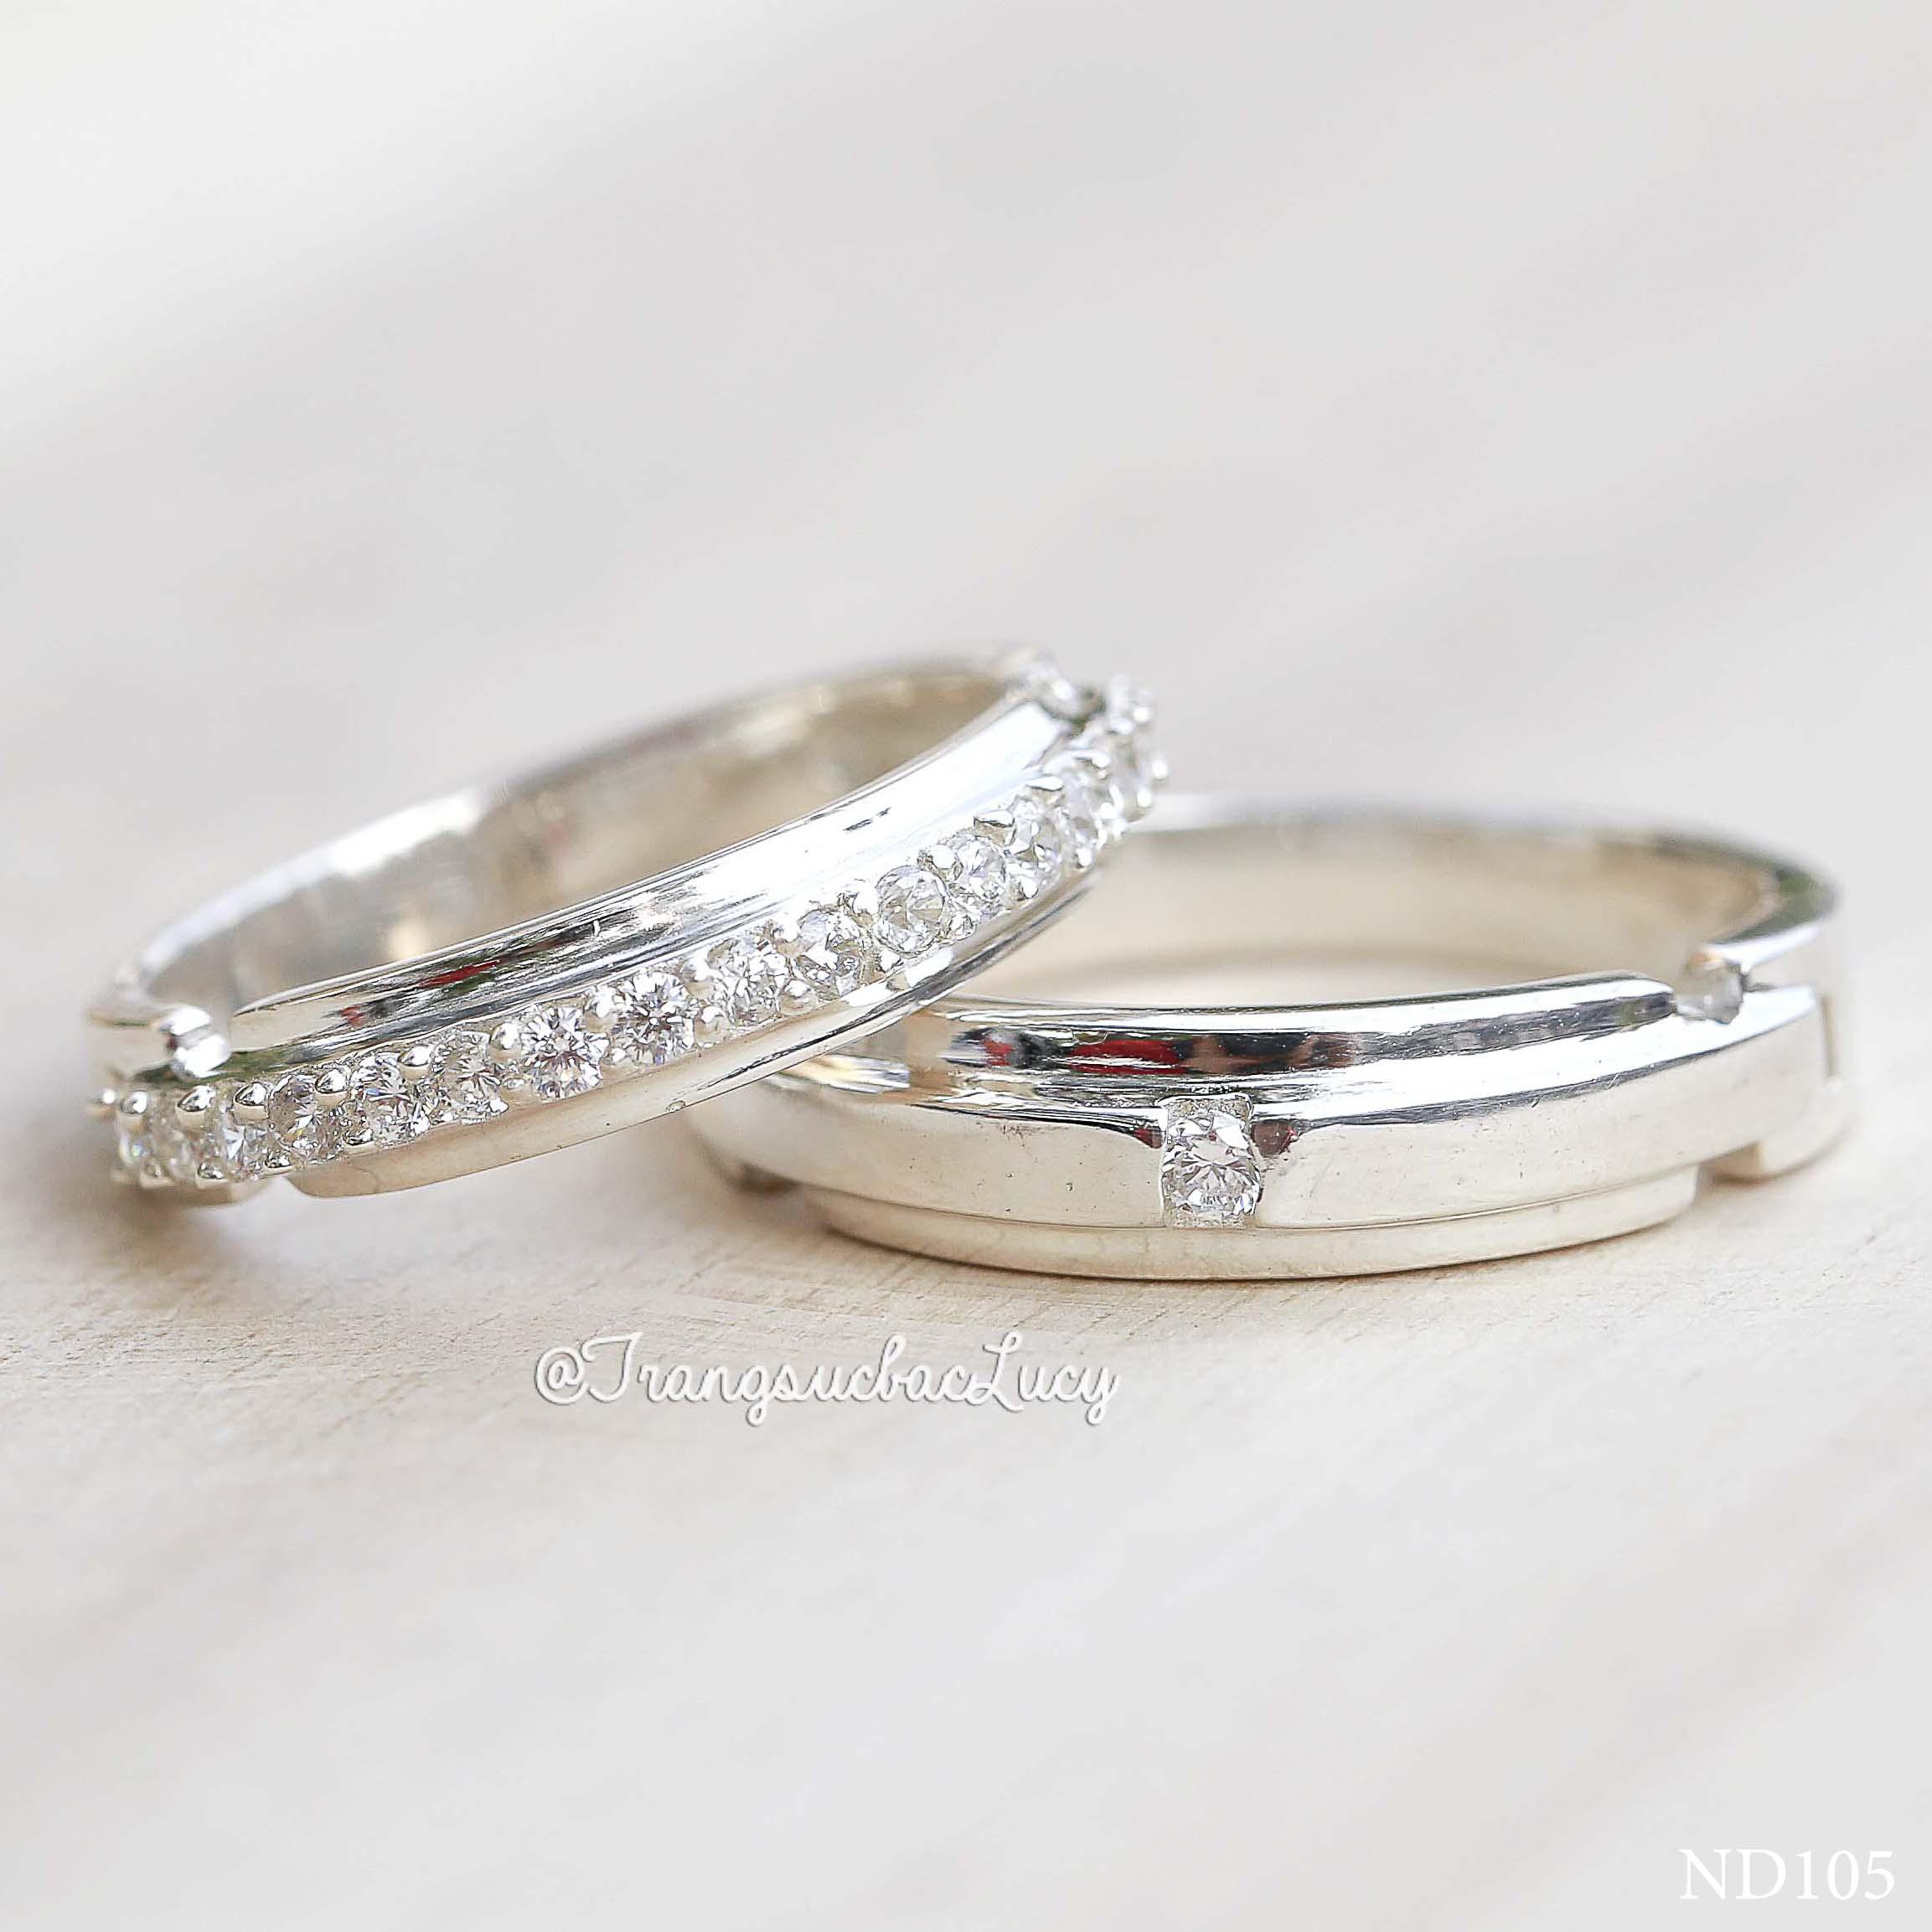 Nhẫn đôi nhẫn cặp bạc Lucy - ND105